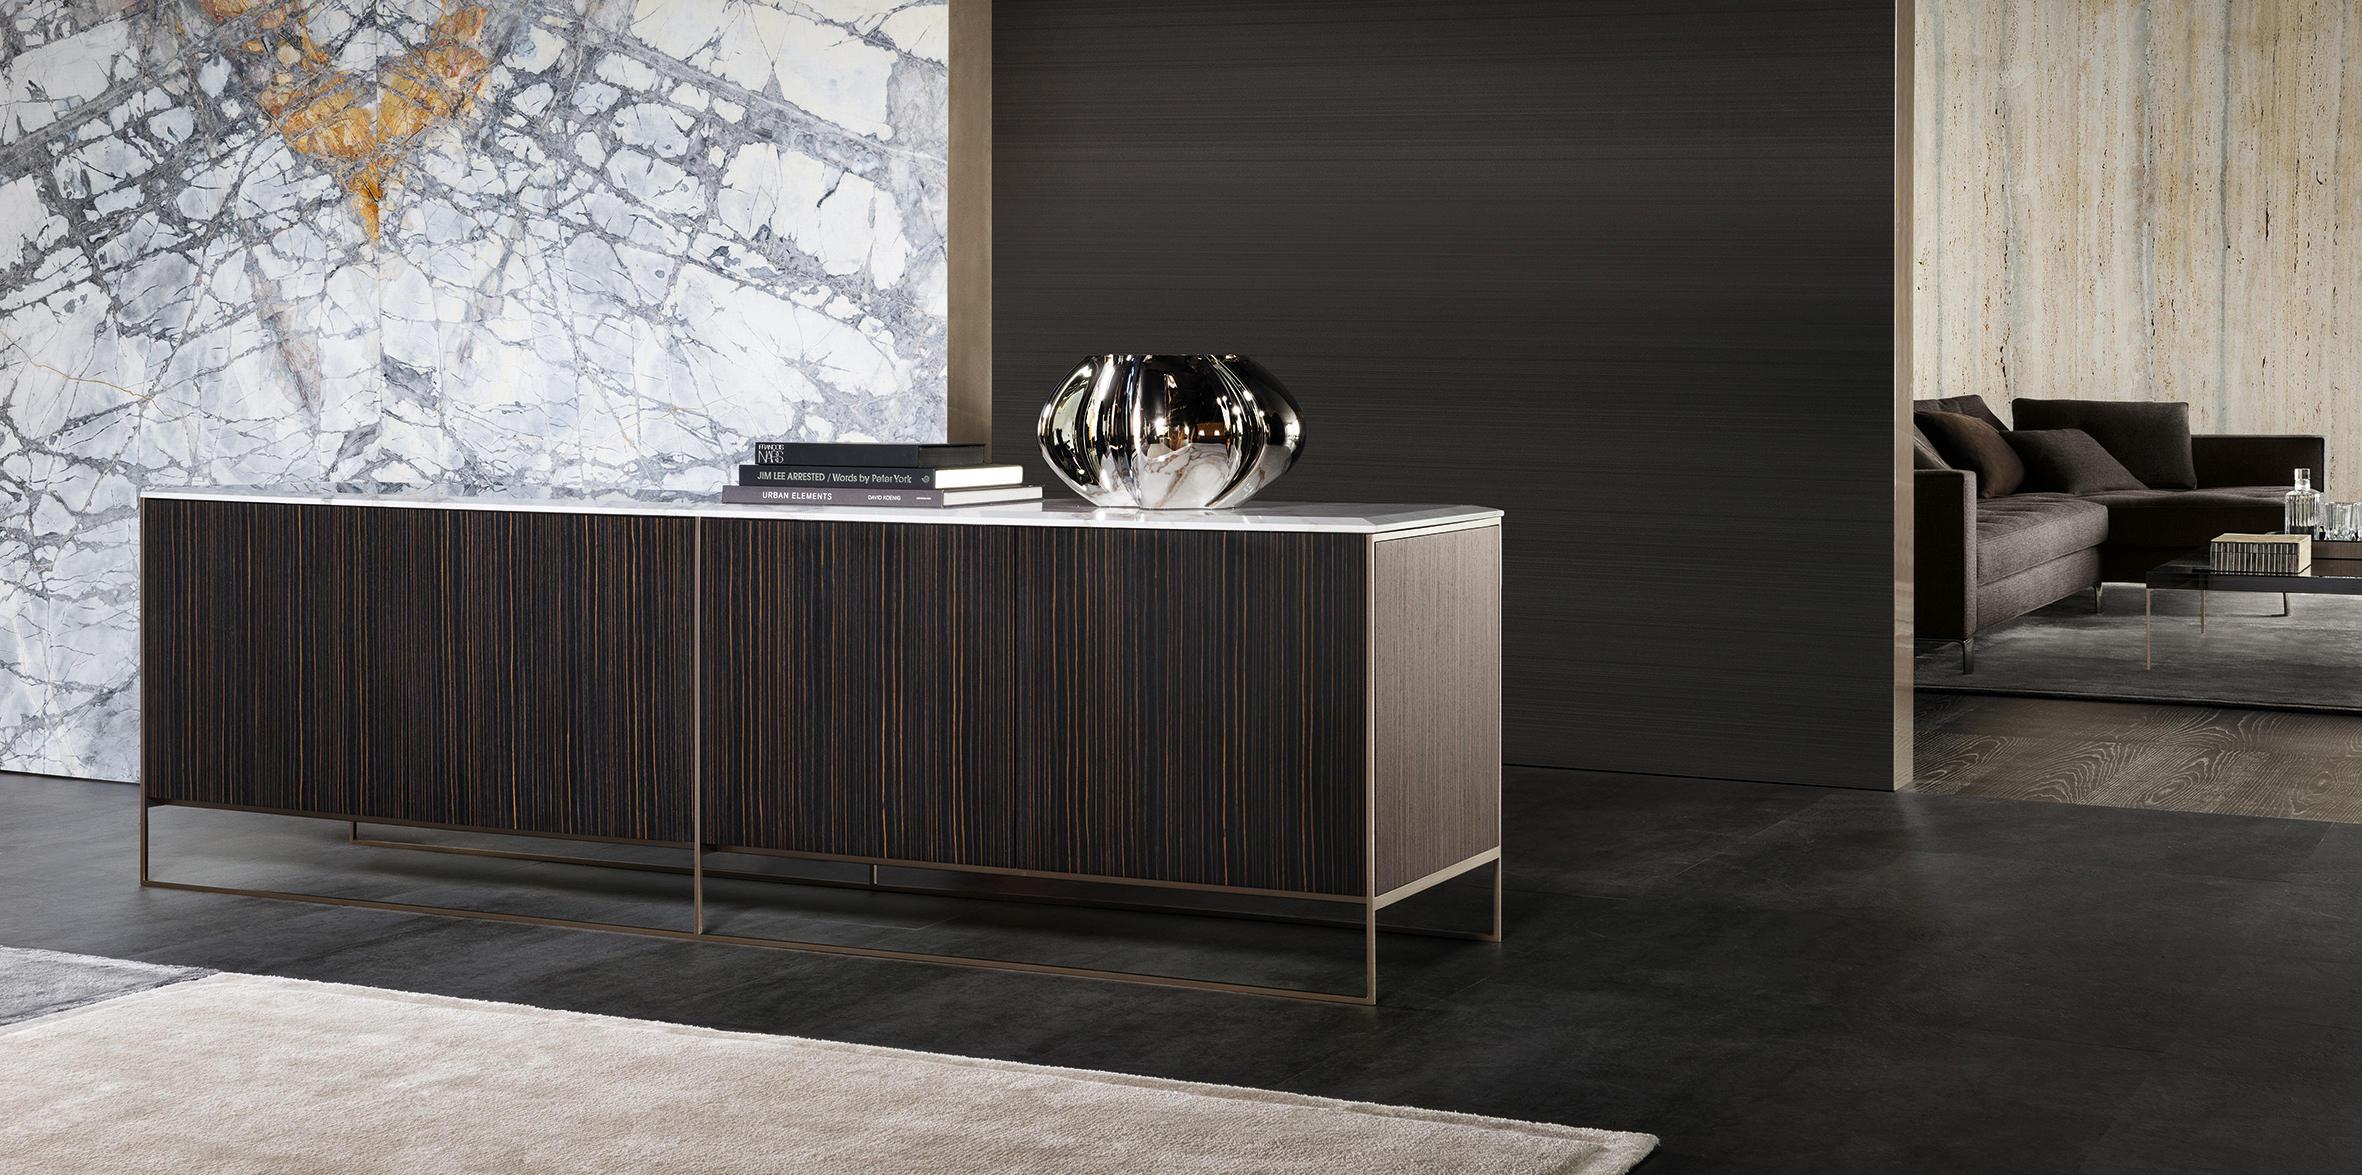 calder bronze couchtisch couchtische von minotti architonic. Black Bedroom Furniture Sets. Home Design Ideas